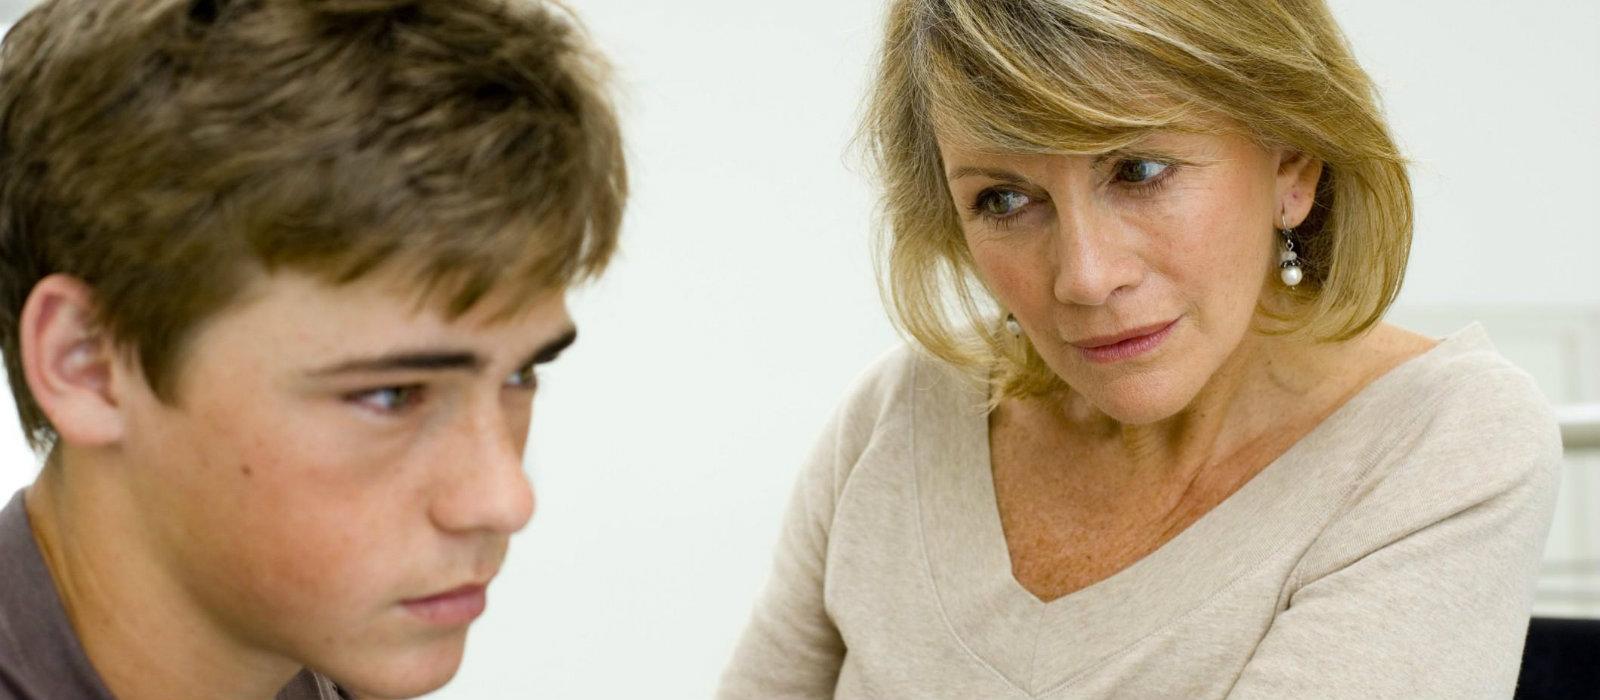 come affrontare l'adolescenza dei figli